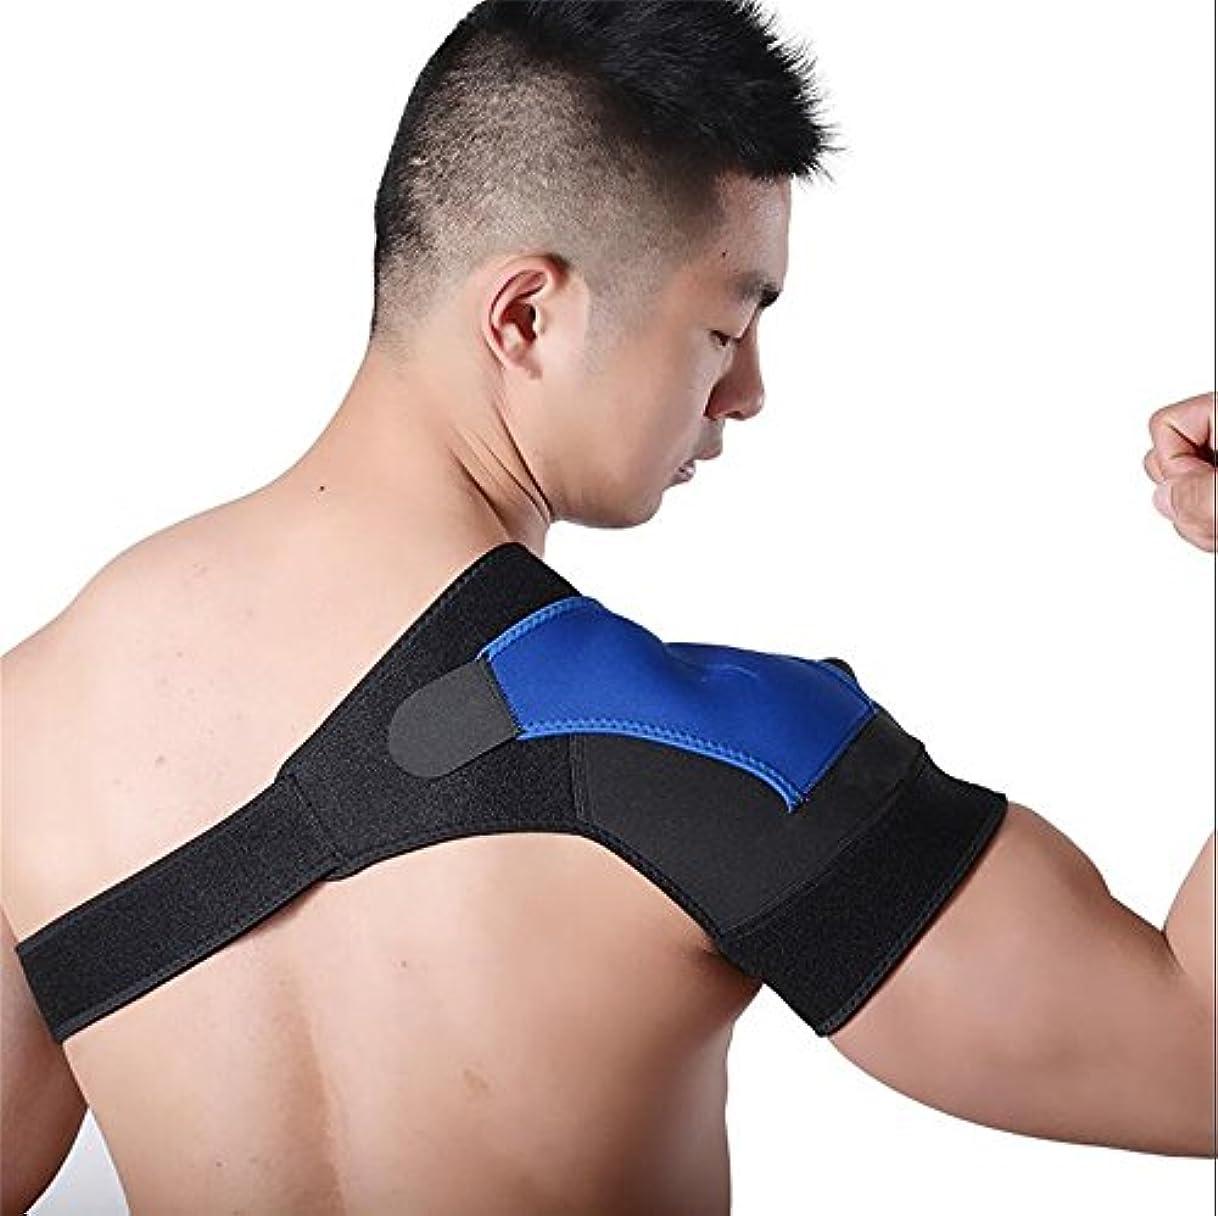 伸ばす行為ブリードZSZBACE 肩サポーター 右肩 左肩 肩 肩固定 けが 防止 マジック テープ式 男女兼用 簡単装着 (右肩用, ブルー)